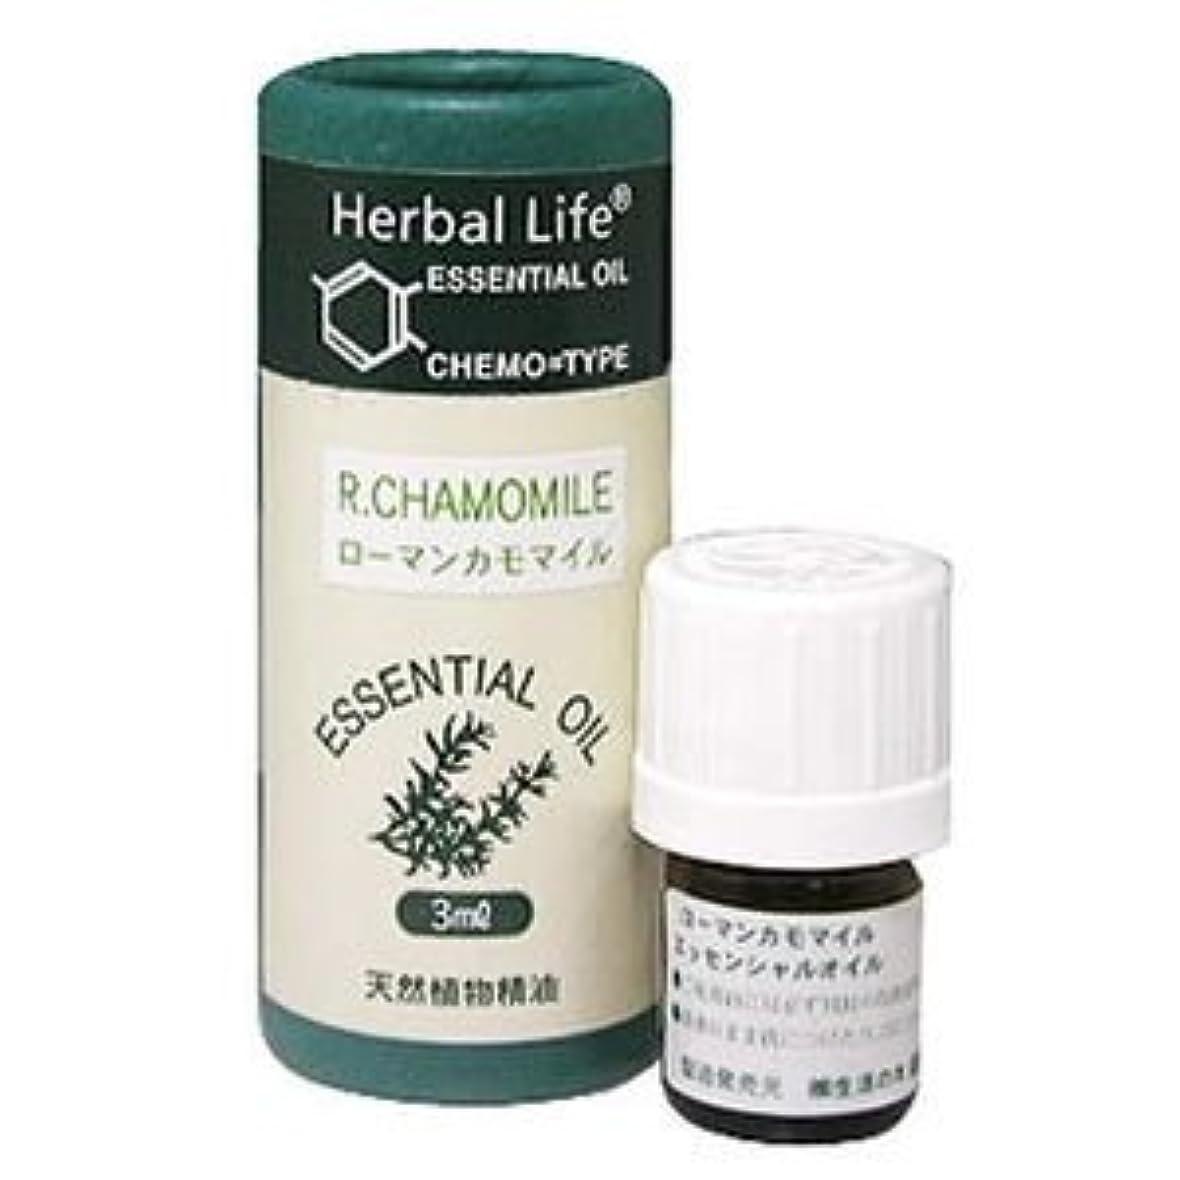 全国効能学部Herbal Life カモマイル?ローマン 3ml